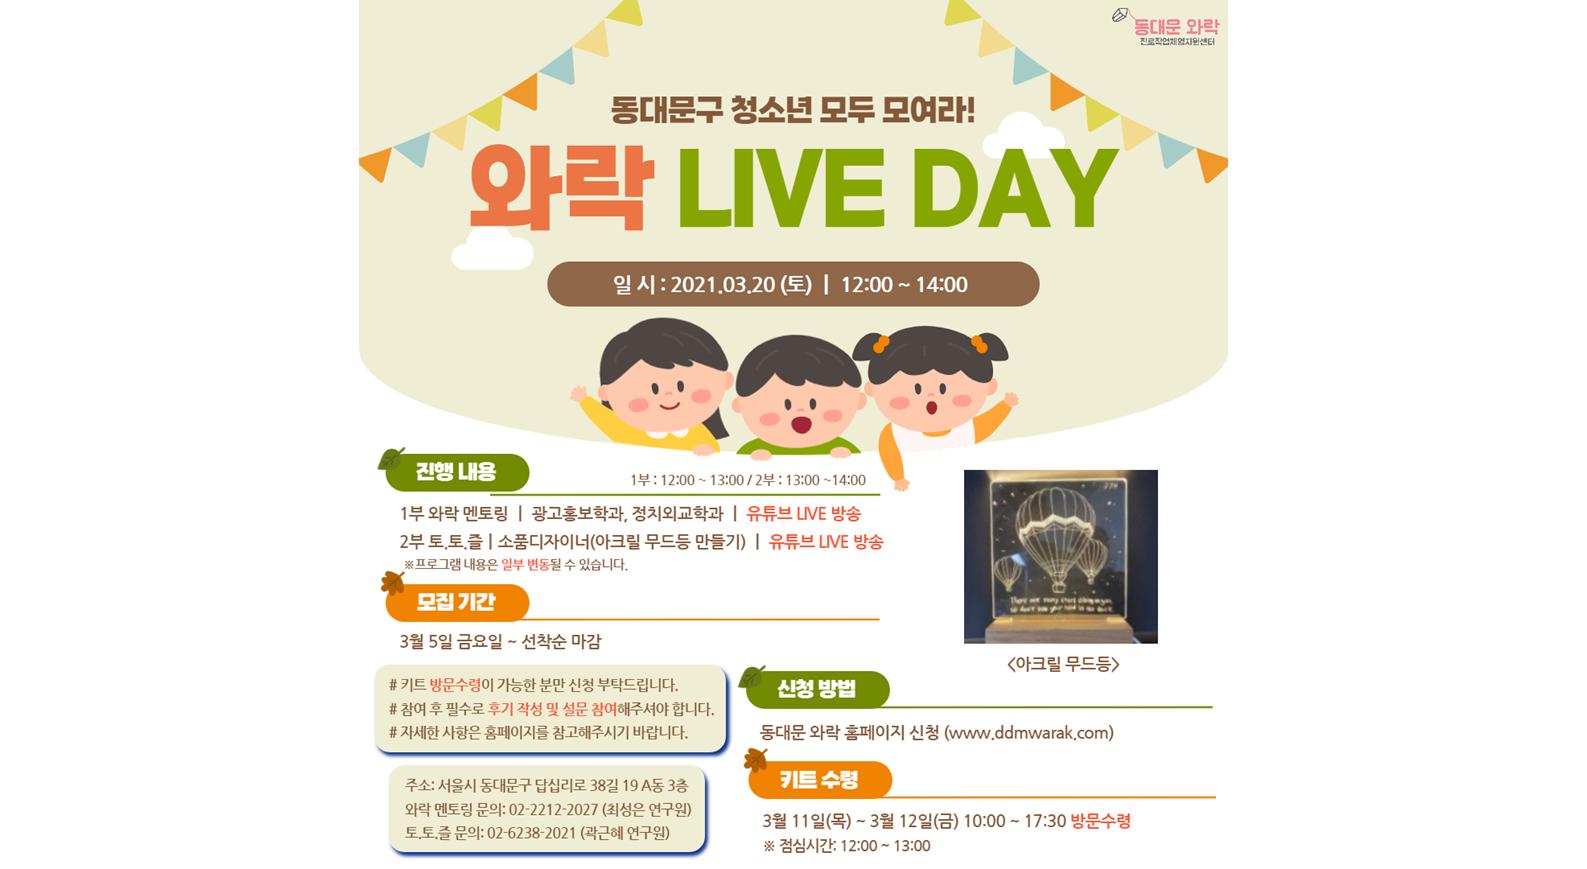 [종료] 3월 와락 LIVE DAY